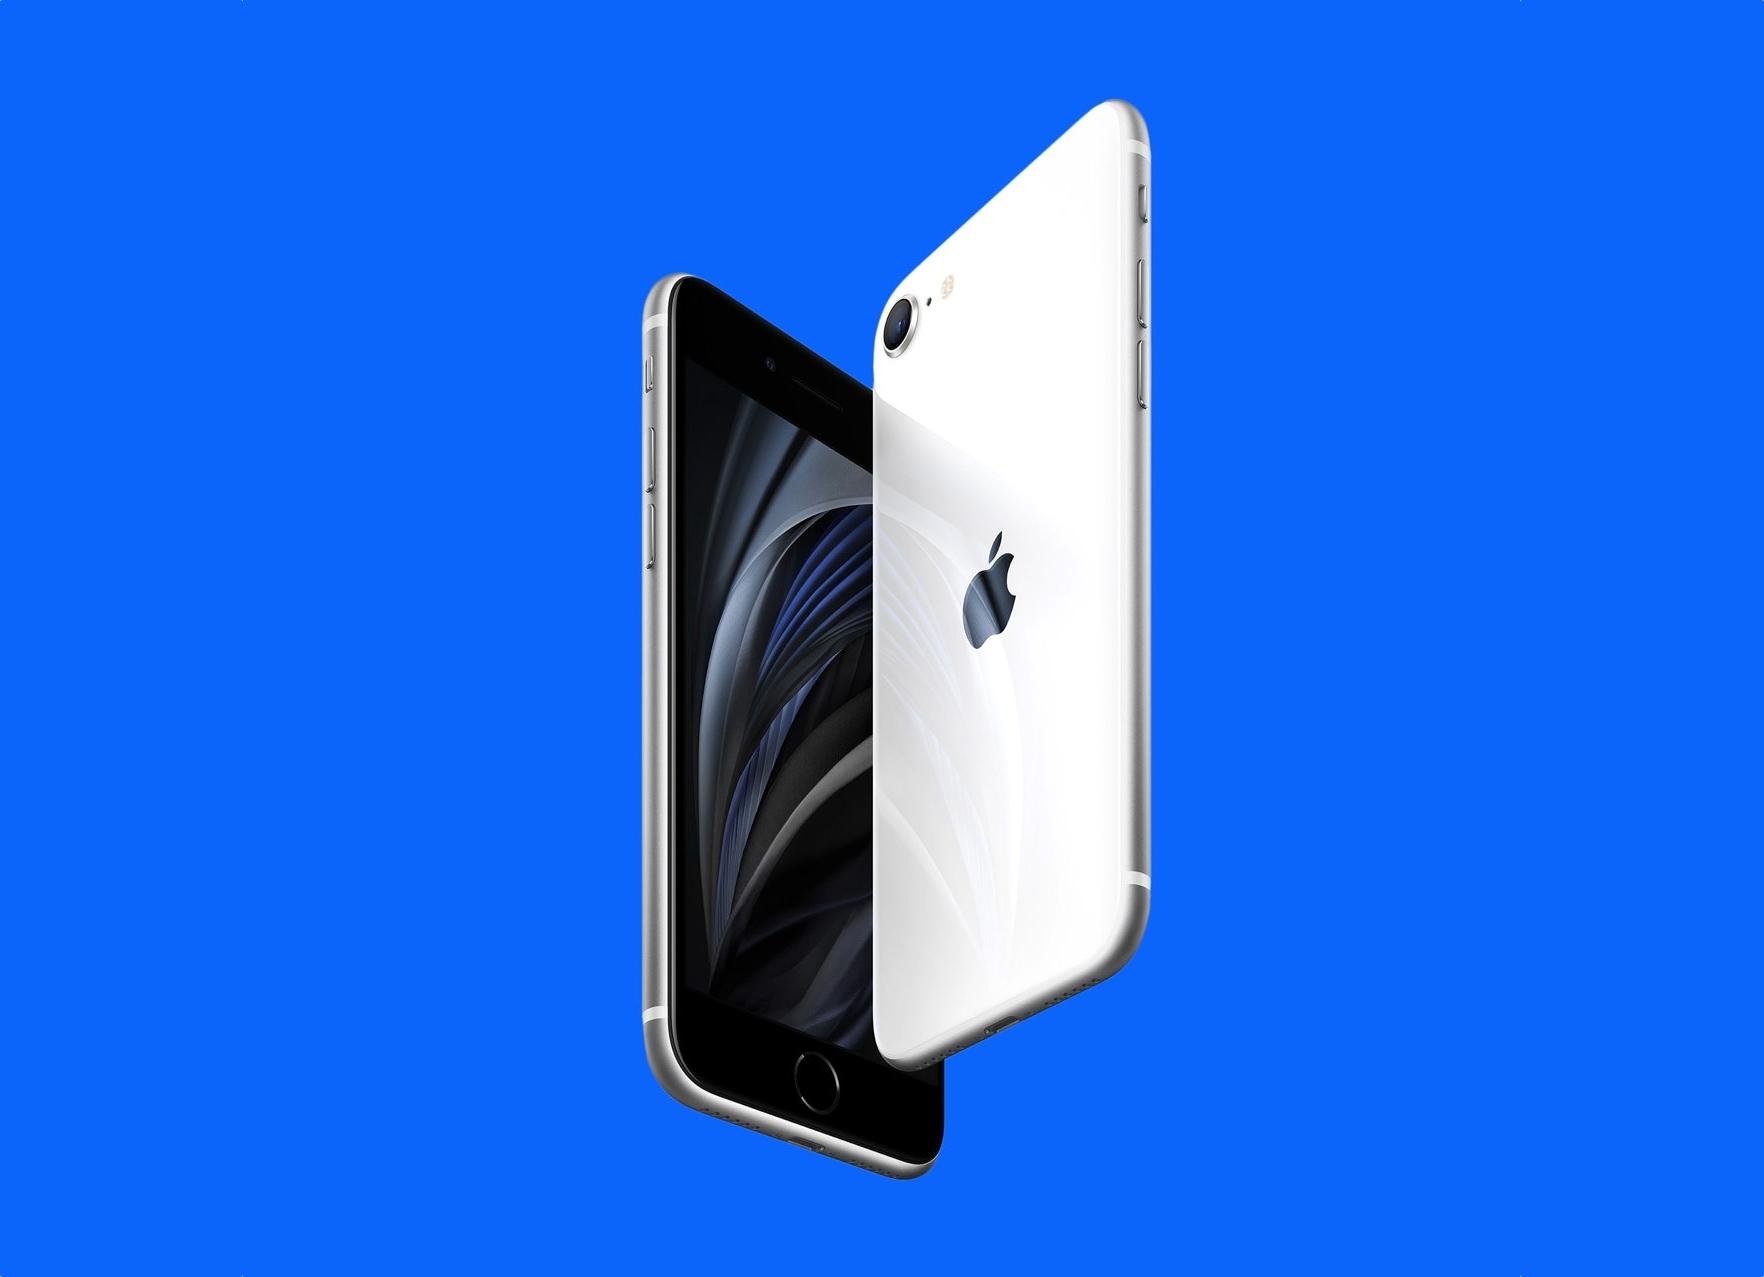 Мин-Чи Куо: iPhone SE 3 получит обновлённый процессор, поддержку 5G и внешний вид, как у текущей модели